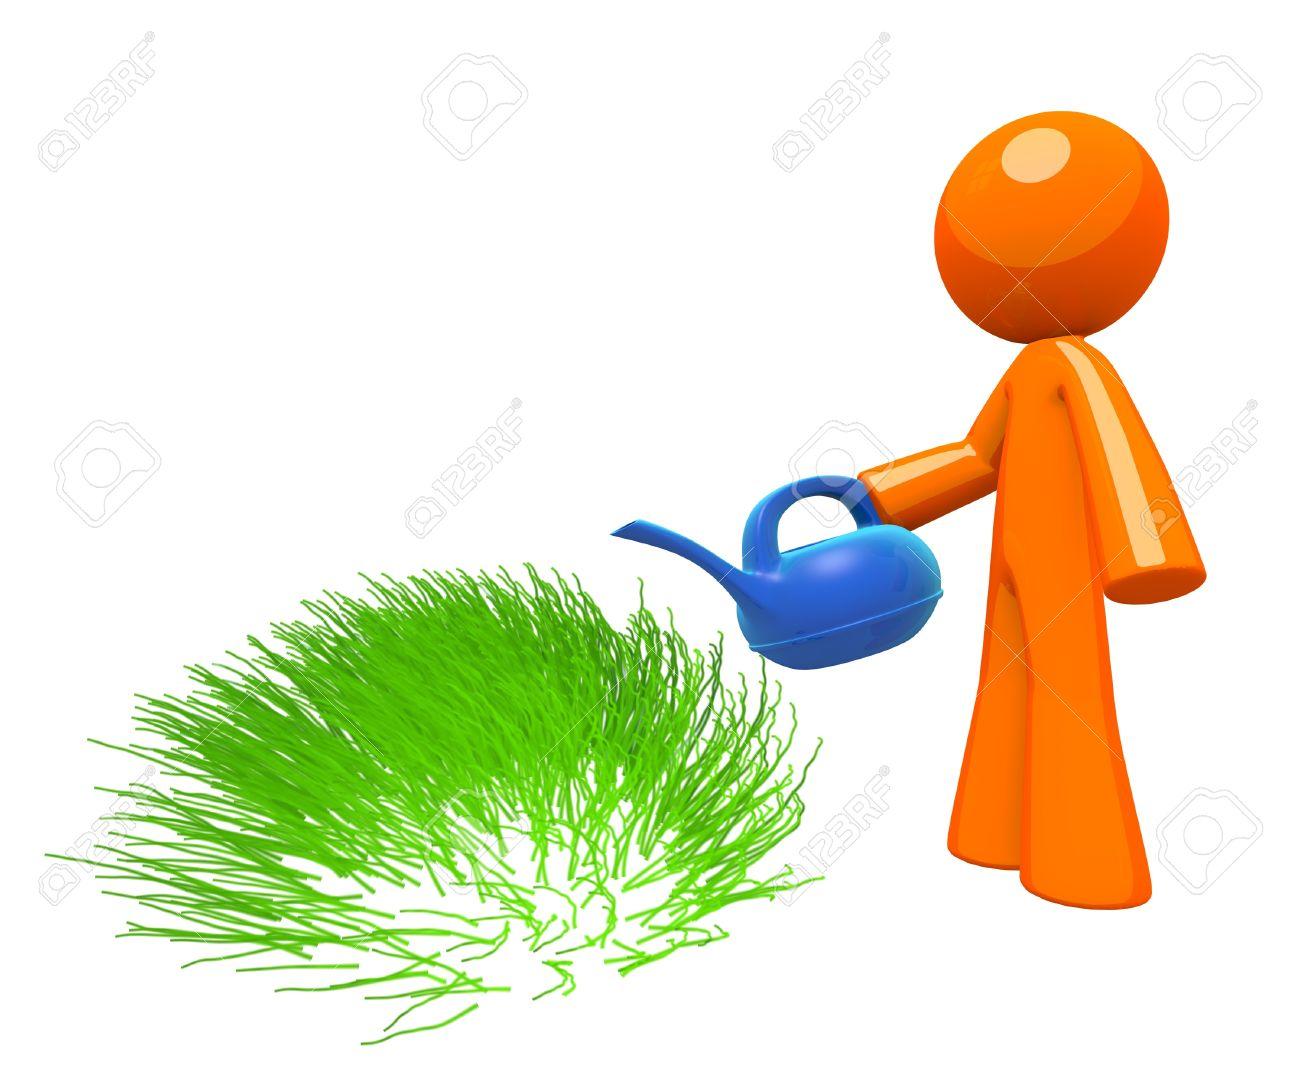 Garden irrigation clipart clipground